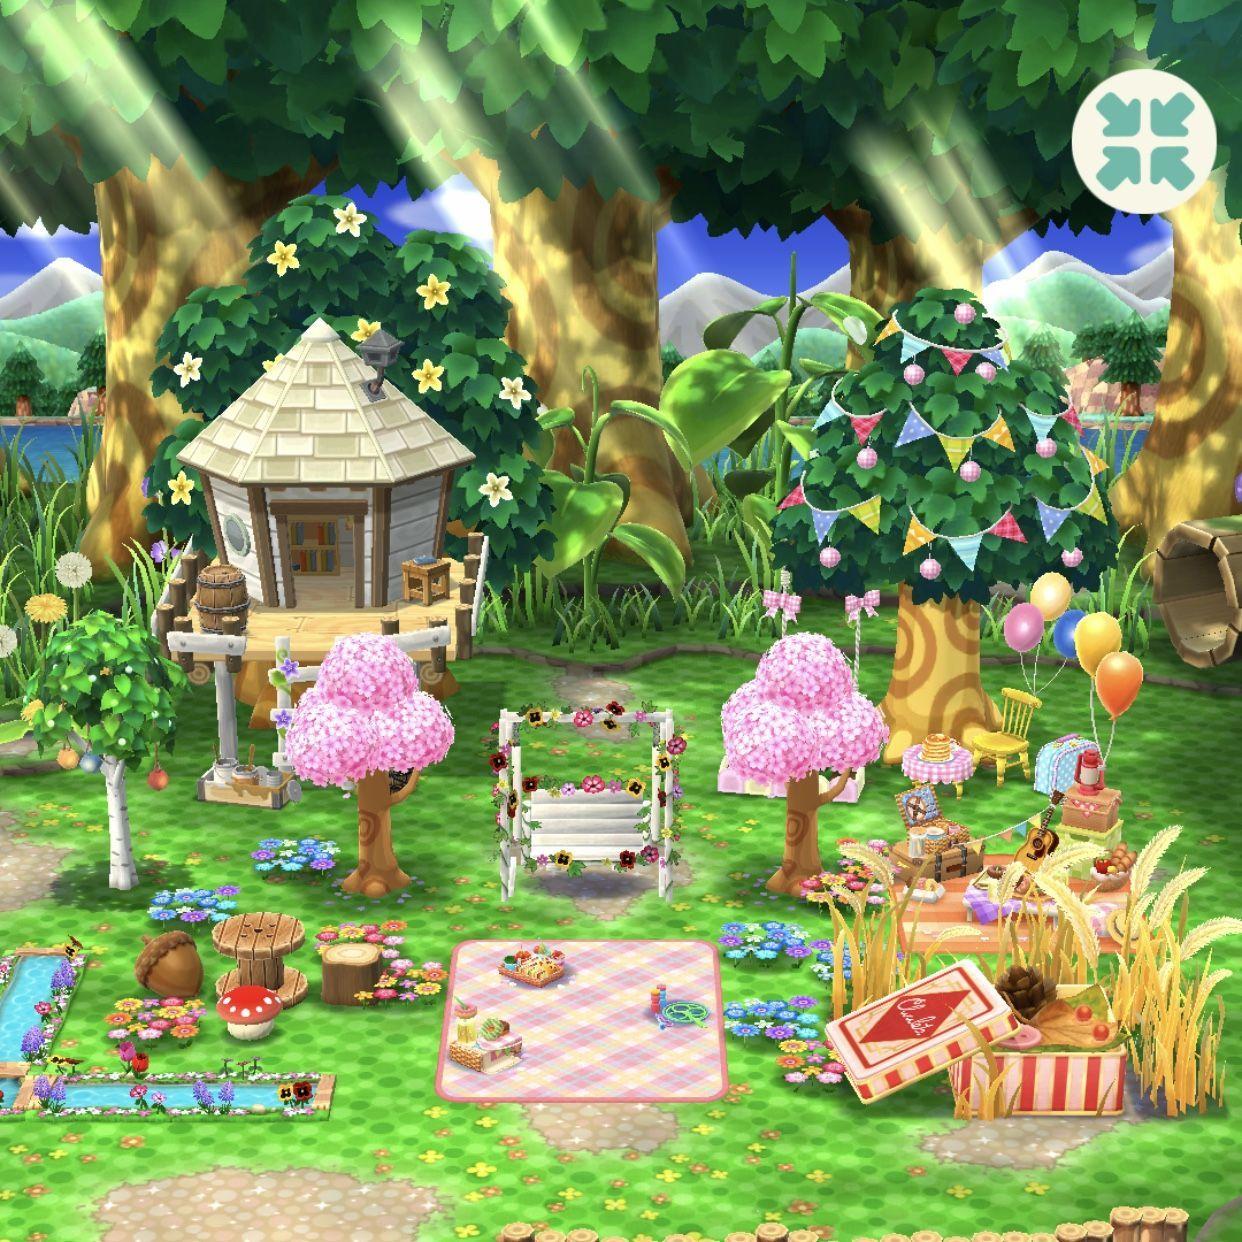 ACPC friend id: 77257600433 #campsiteideas animal crossing pocket camp campsite idea #campsiteideas